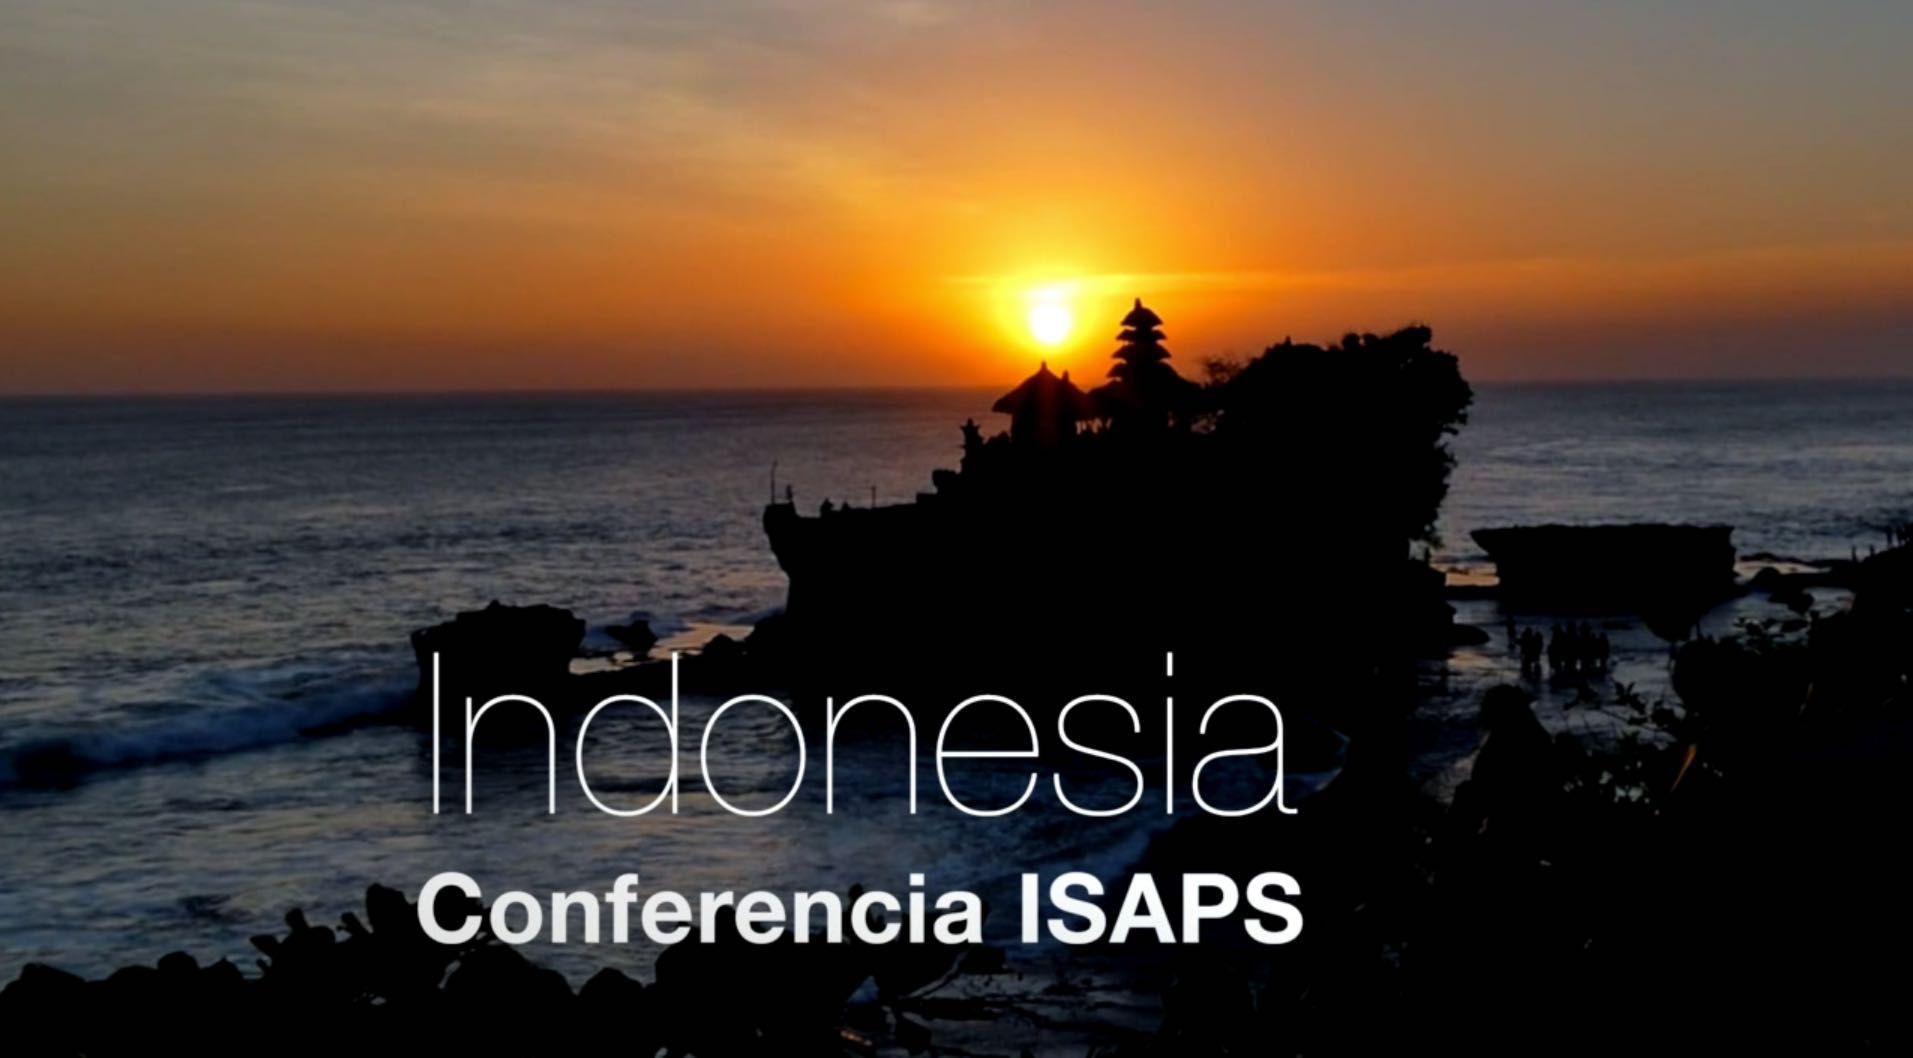 """Este es el resumen sobre mis Conferencias sobre Lipofilling en Indonesia para la OSAPS, la """"hermana"""" en Oriente de la ISAPS (Sociedad Internacionla de Cirujanos Plásticos)."""